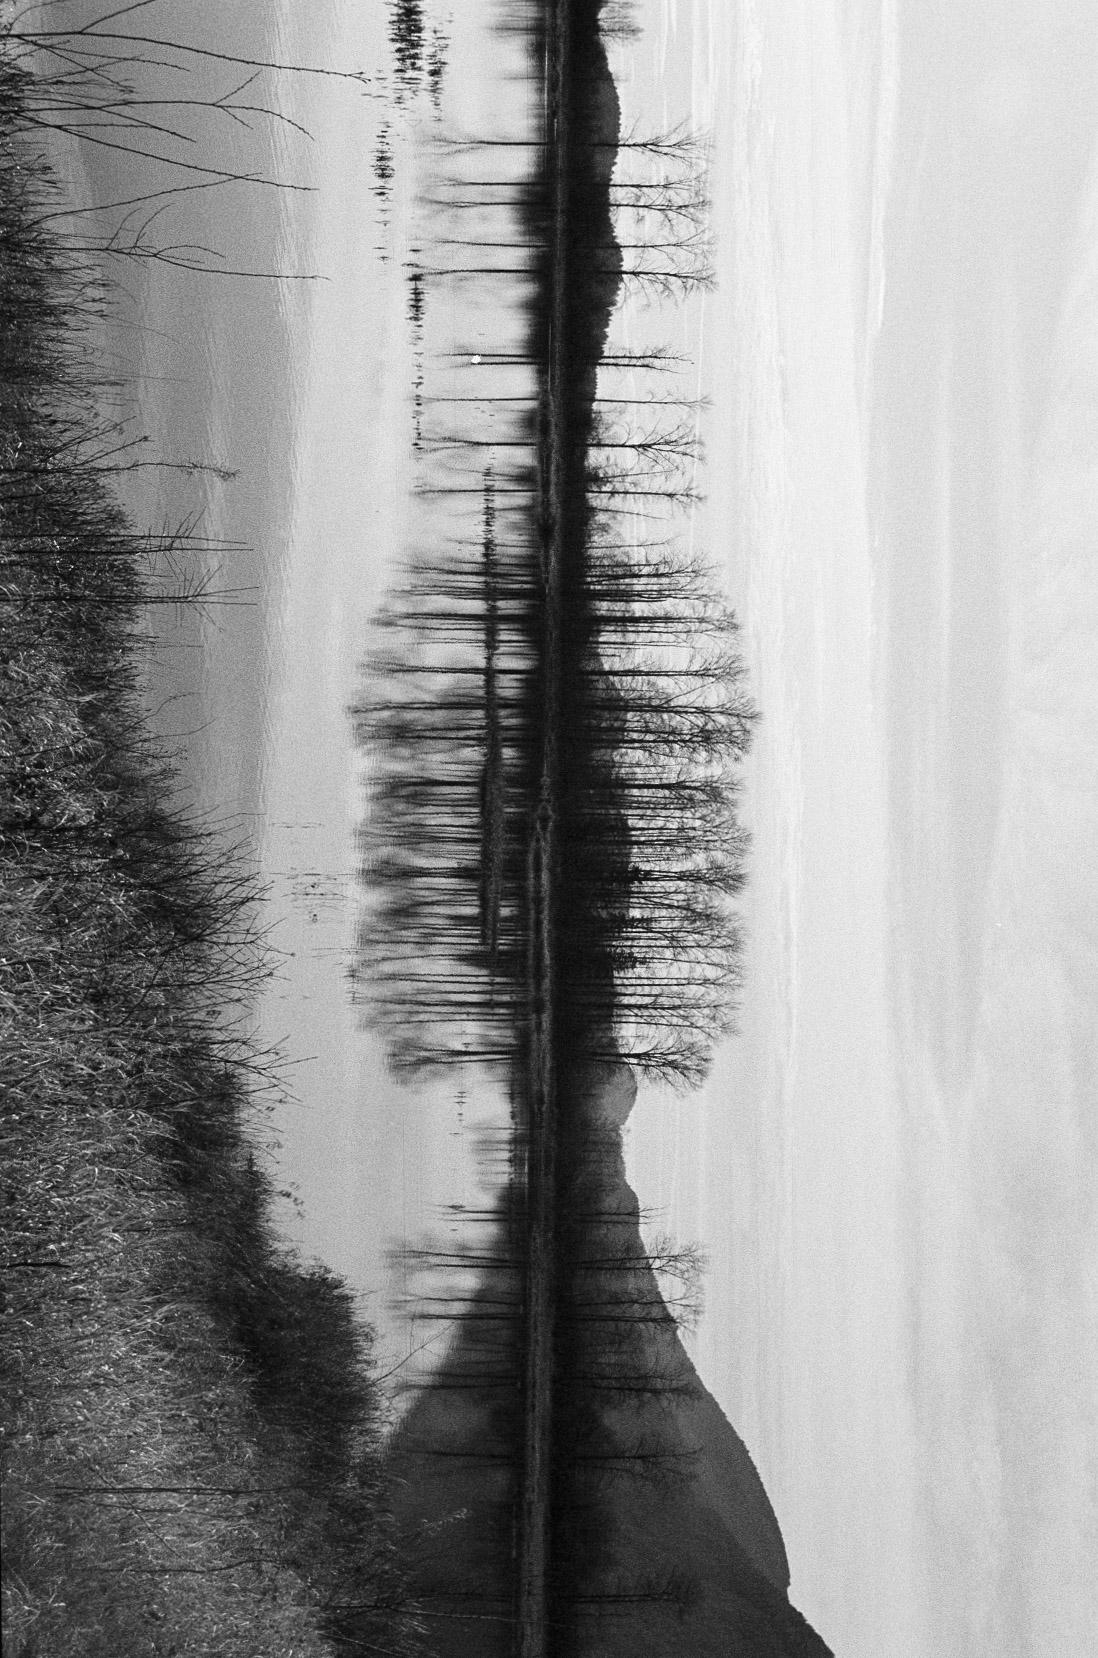 vancouver photography Michele Bygodt 26